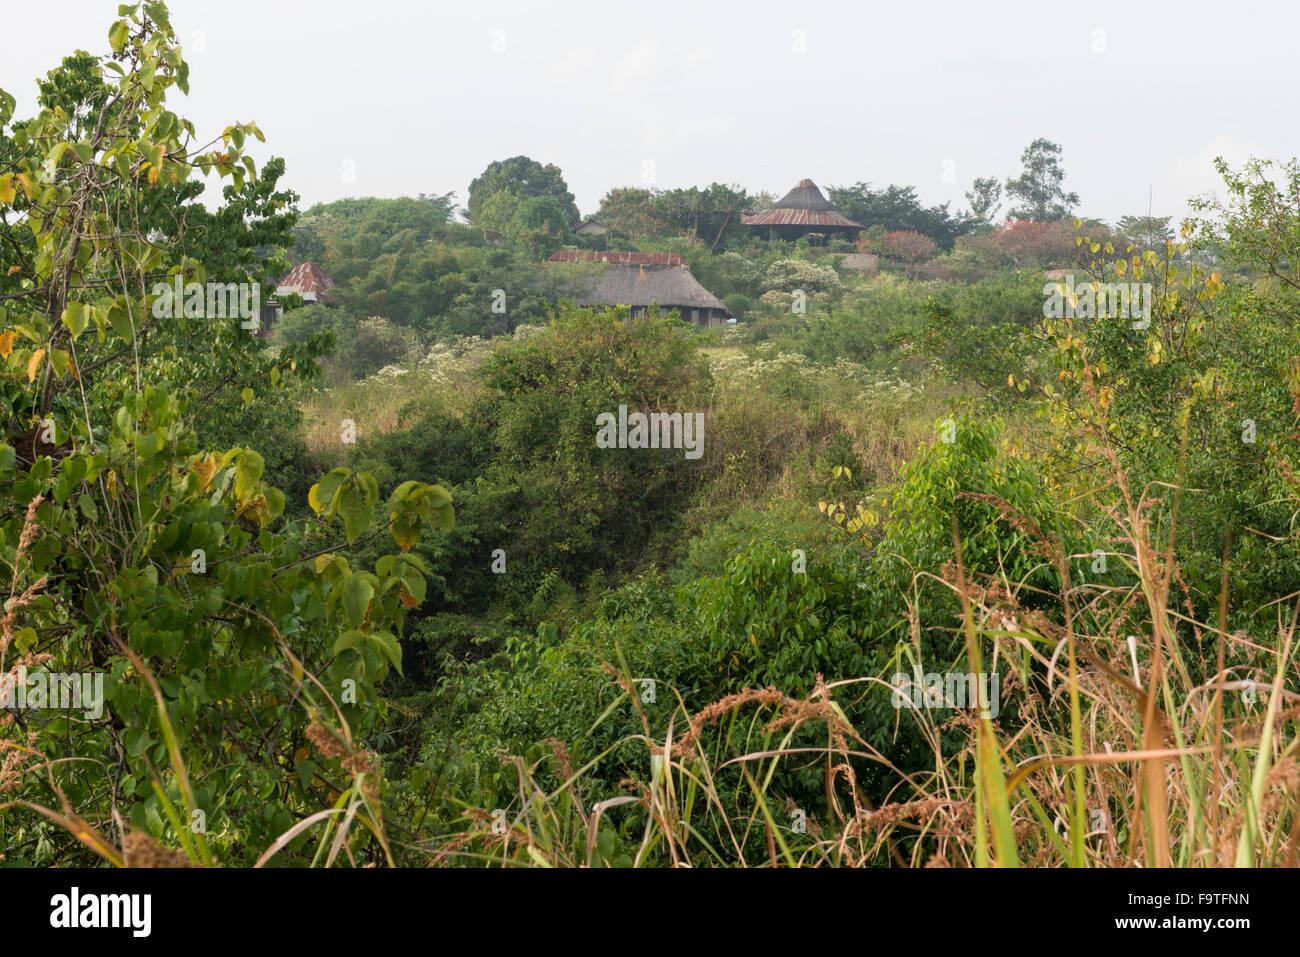 Lodge, Kyambura Kyamburu Gorge Gorge, el Parque Nacional Queen Elizabeth, Uganda Imagen De Stock